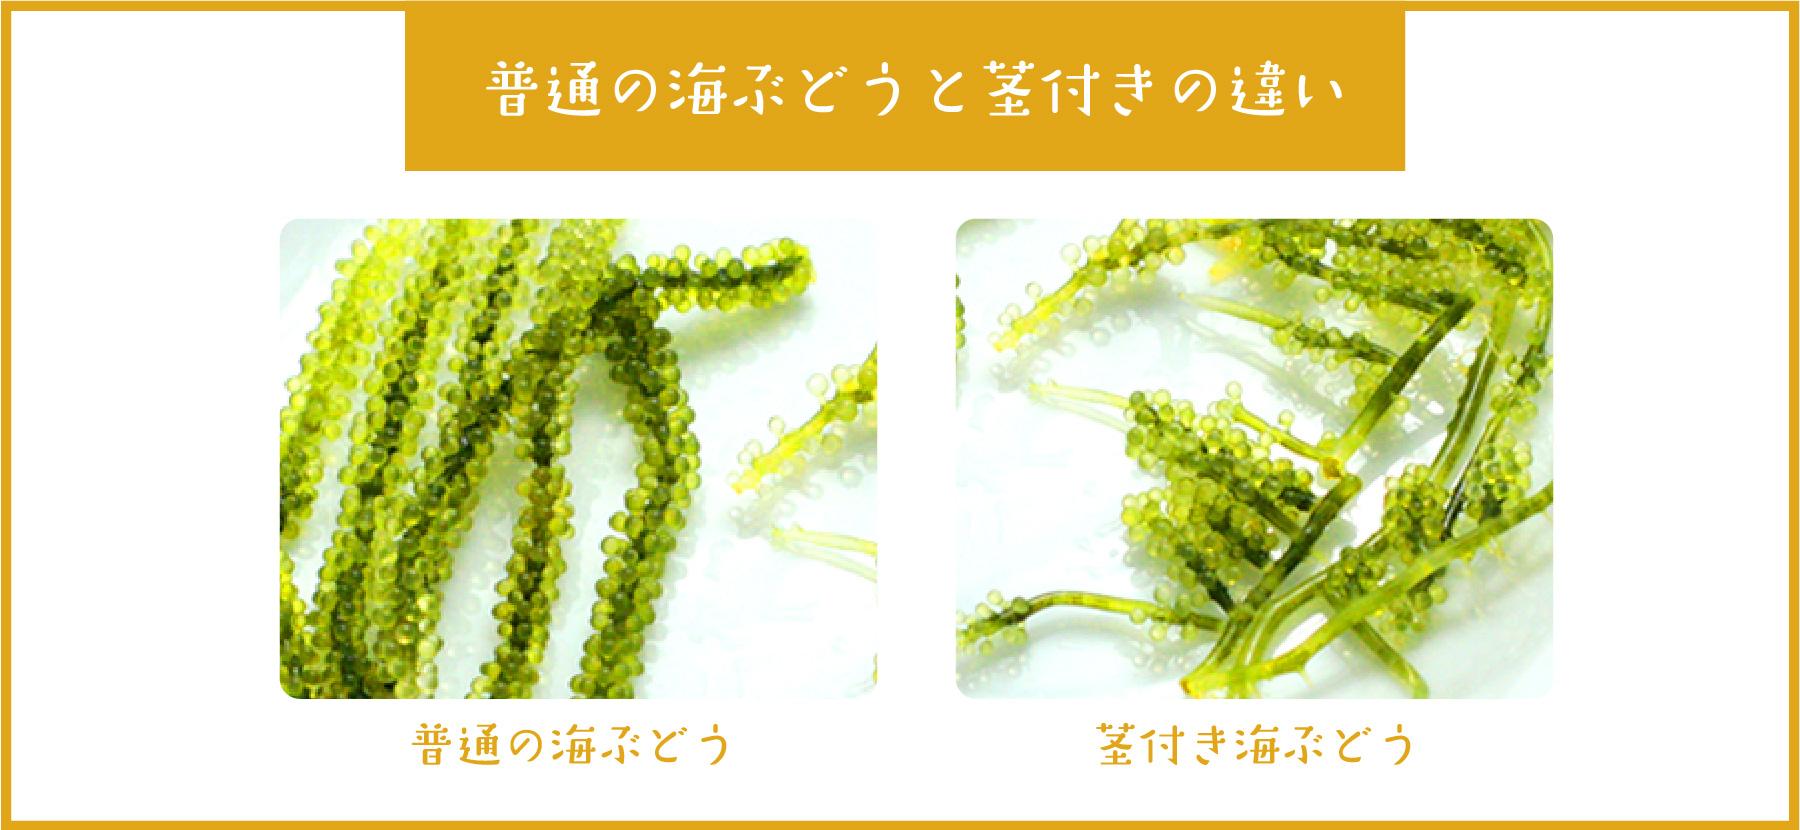 普通の海ぶどうと茎付きの違い